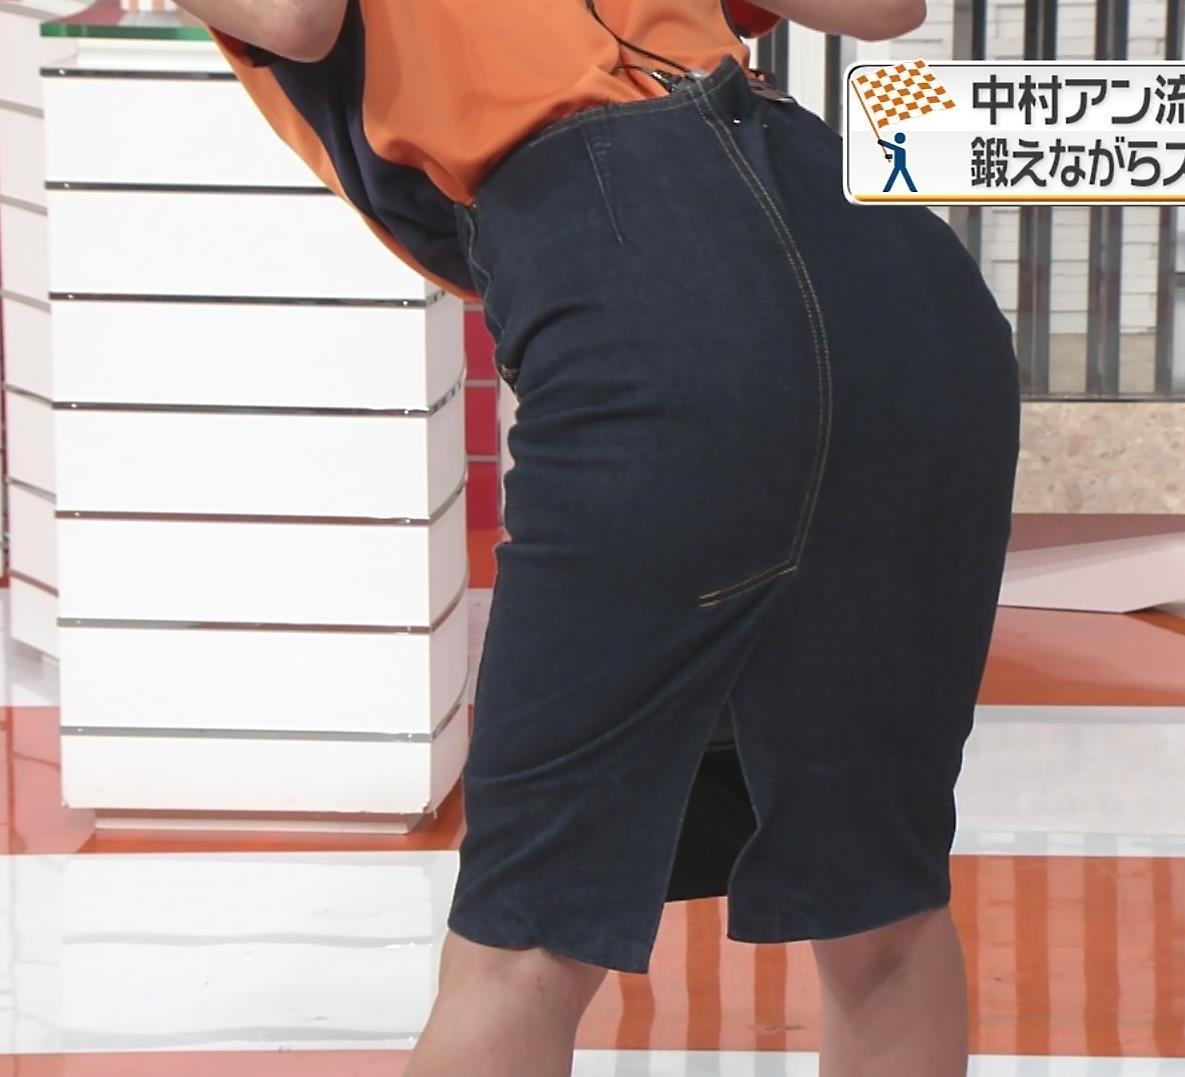 中村アン タイトスカートお尻画像8